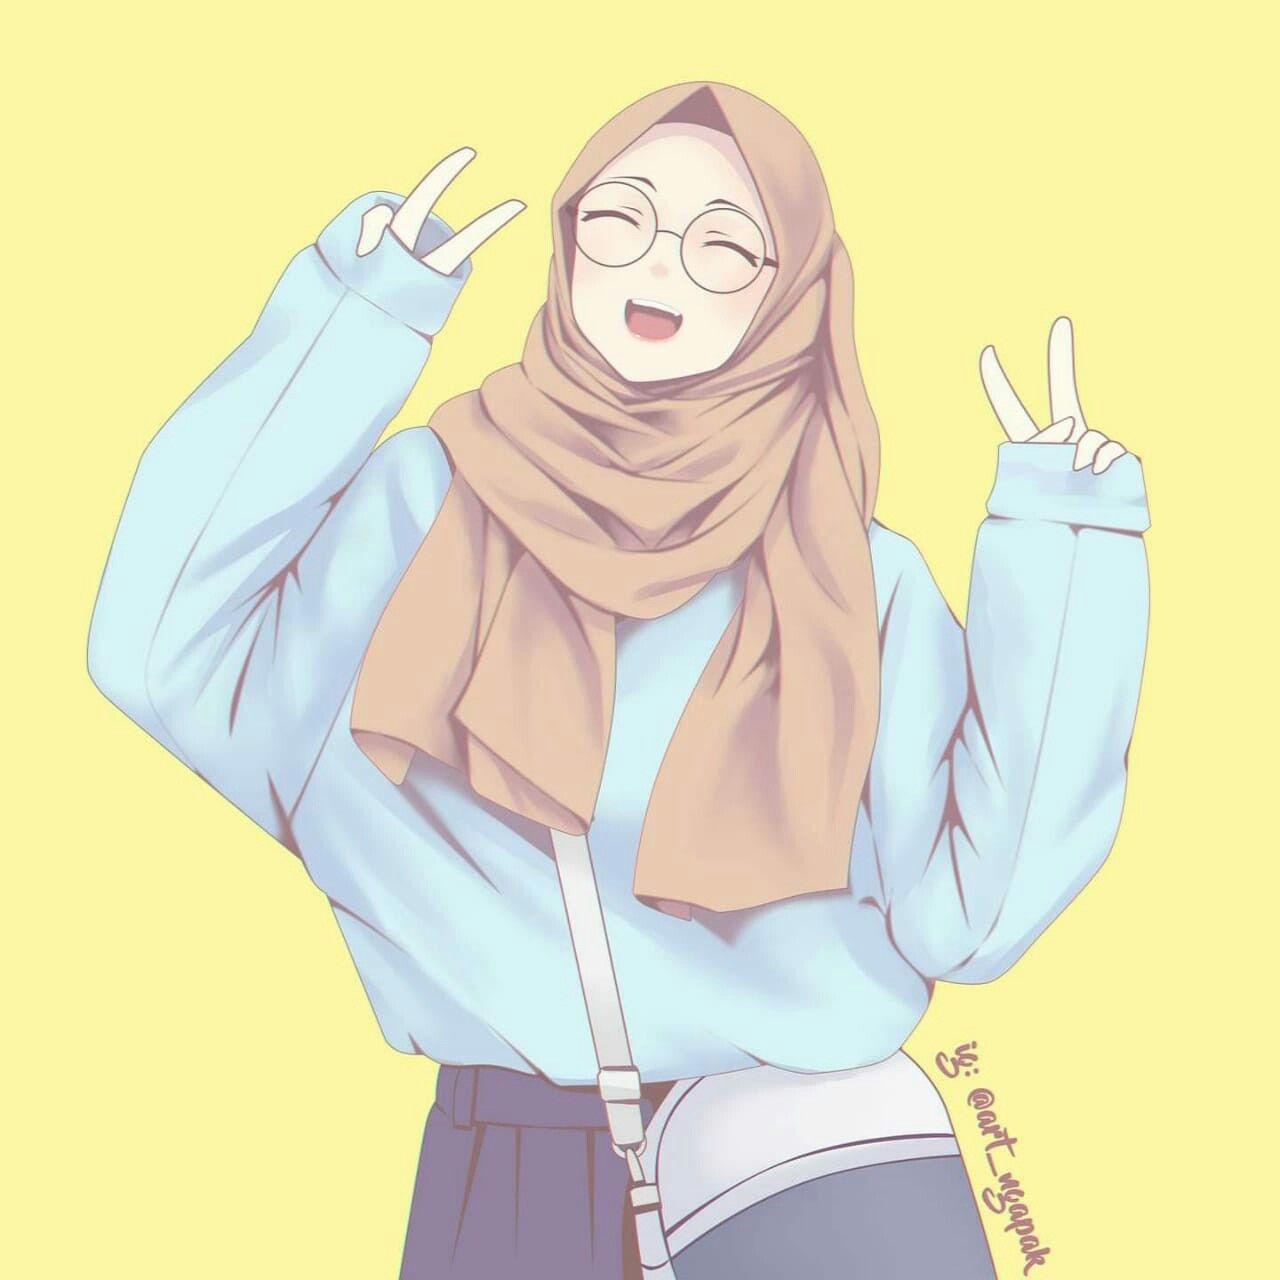 Senyum Perempuan Tak Selalu Berarti Bahwa Dia Bahagia Kadang Dia Tersenyum Karena Tidak Ingin Menjelaskan Mengapa Hatin Ilustrasi Orang Gambar Ilustrasi Gadis